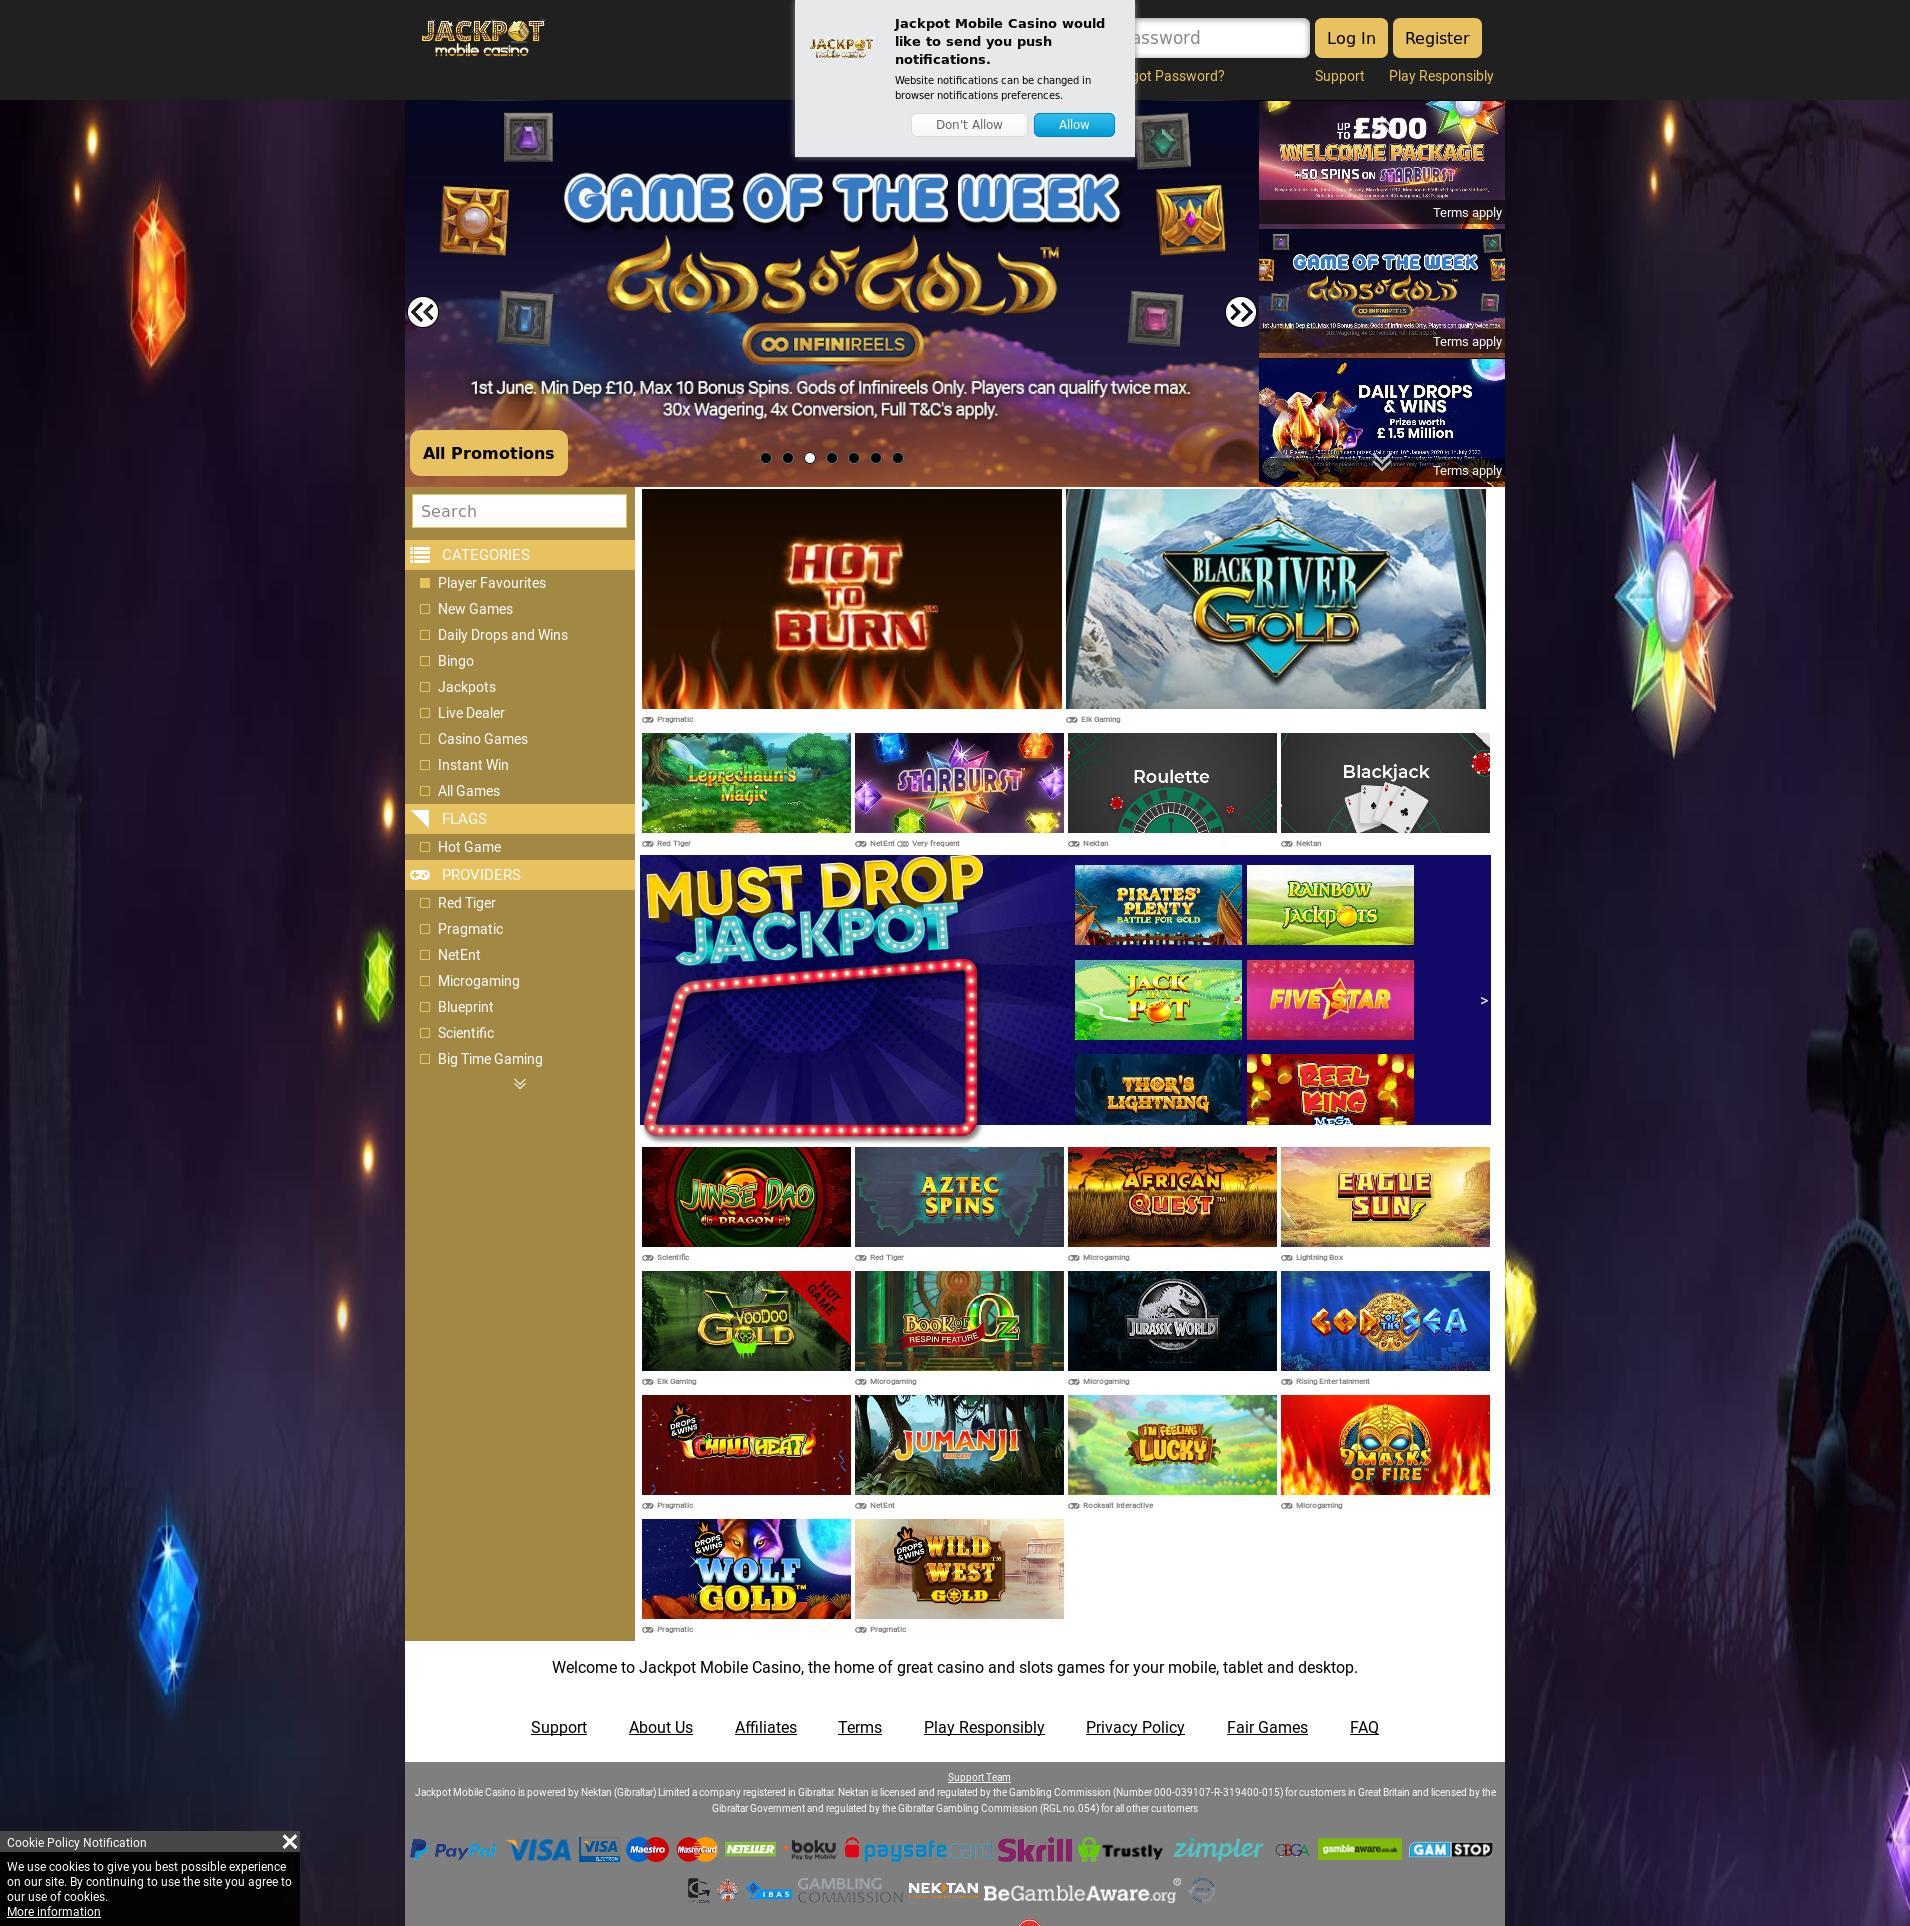 Écran de casino Lobby 2020-06-01 pour Royaume-Uni